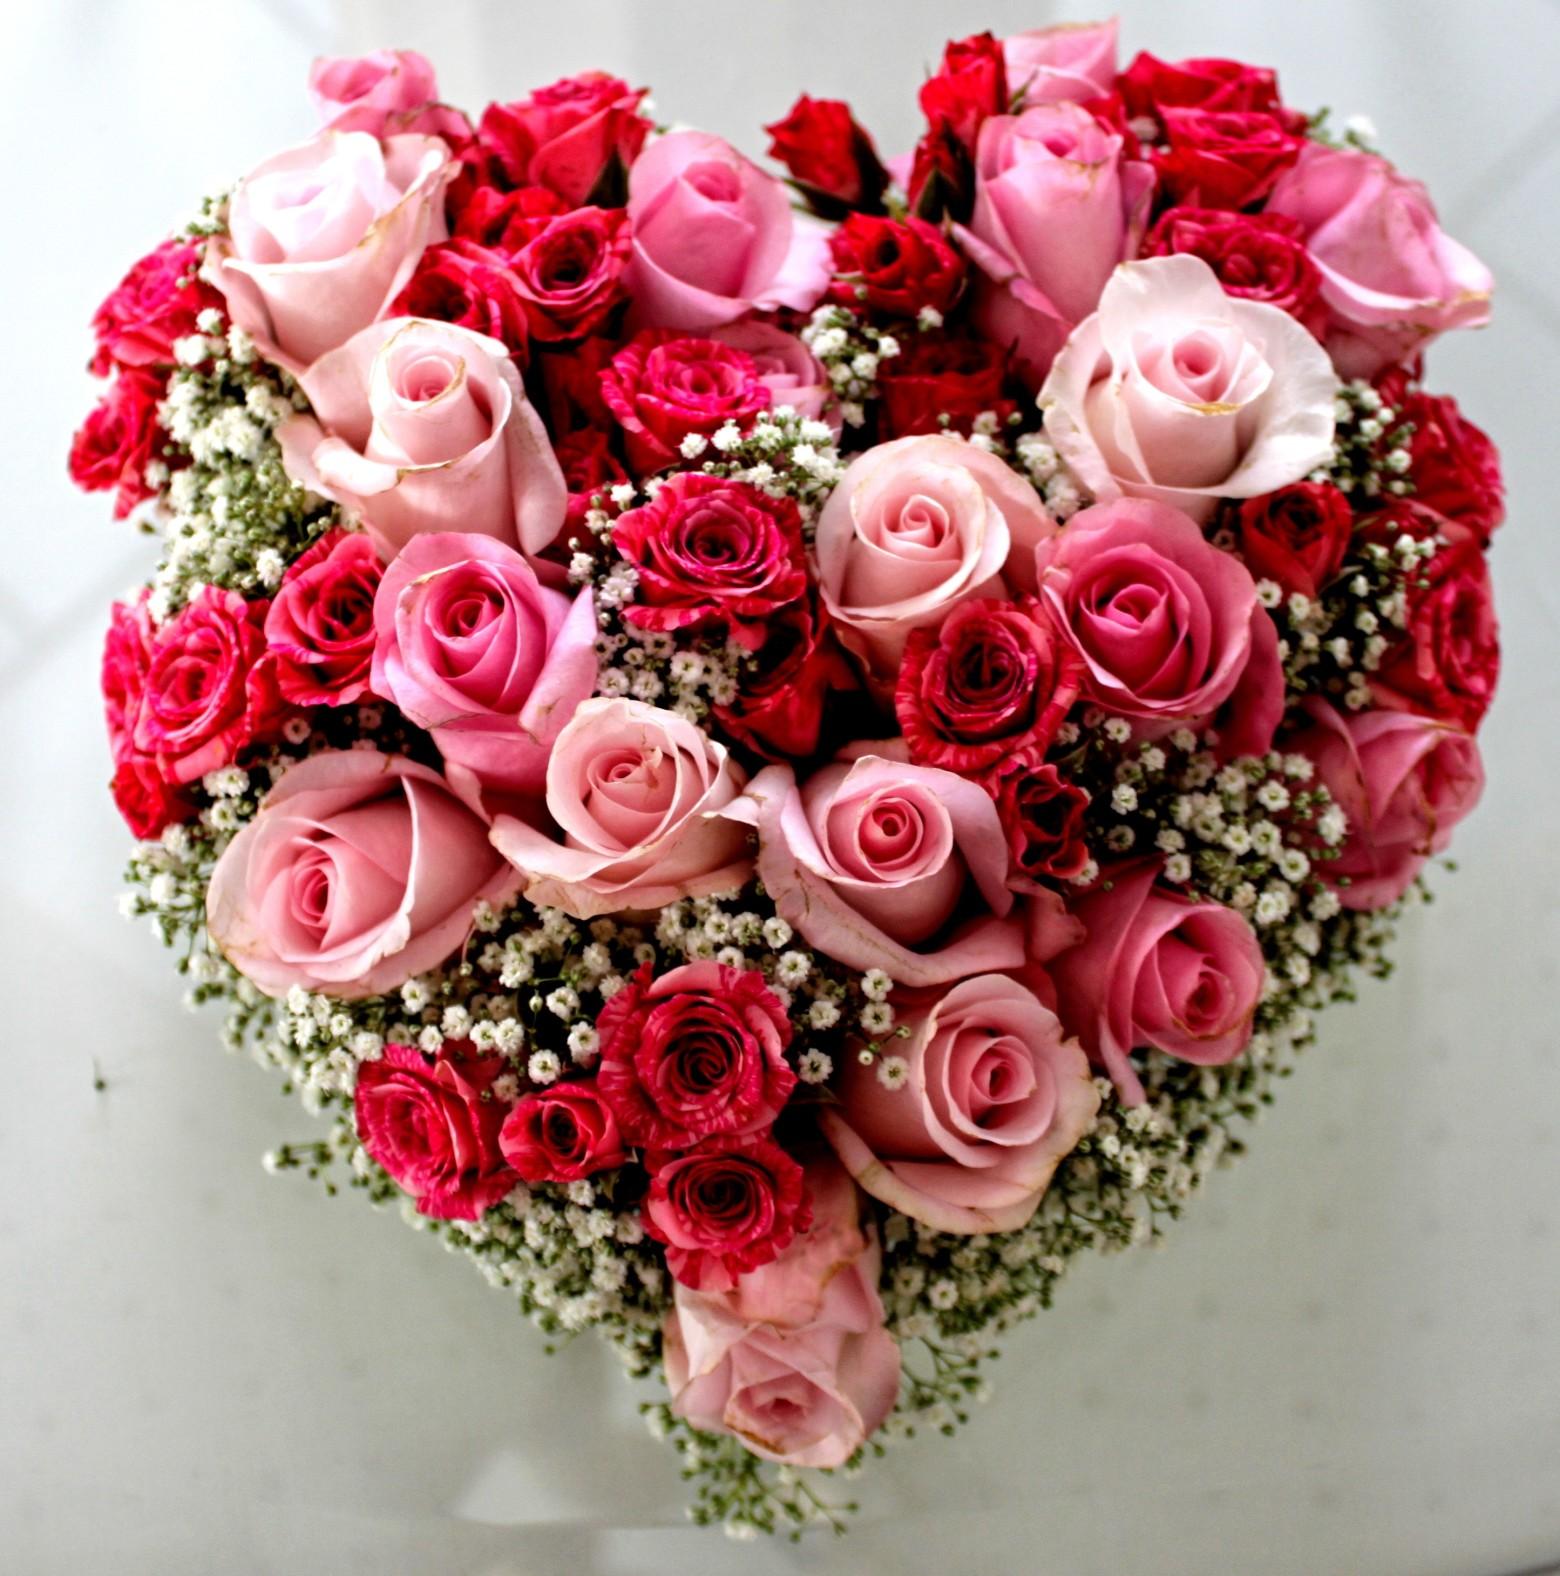 Incroyable Bouquet De Rose En Forme De Coeur #3: Banque Du0027 Images Et Photos Gratuites Libres De Droits-téléchargement  Gratuits. Bouquet De Rose En Forme De Coeur Photos Gratuites